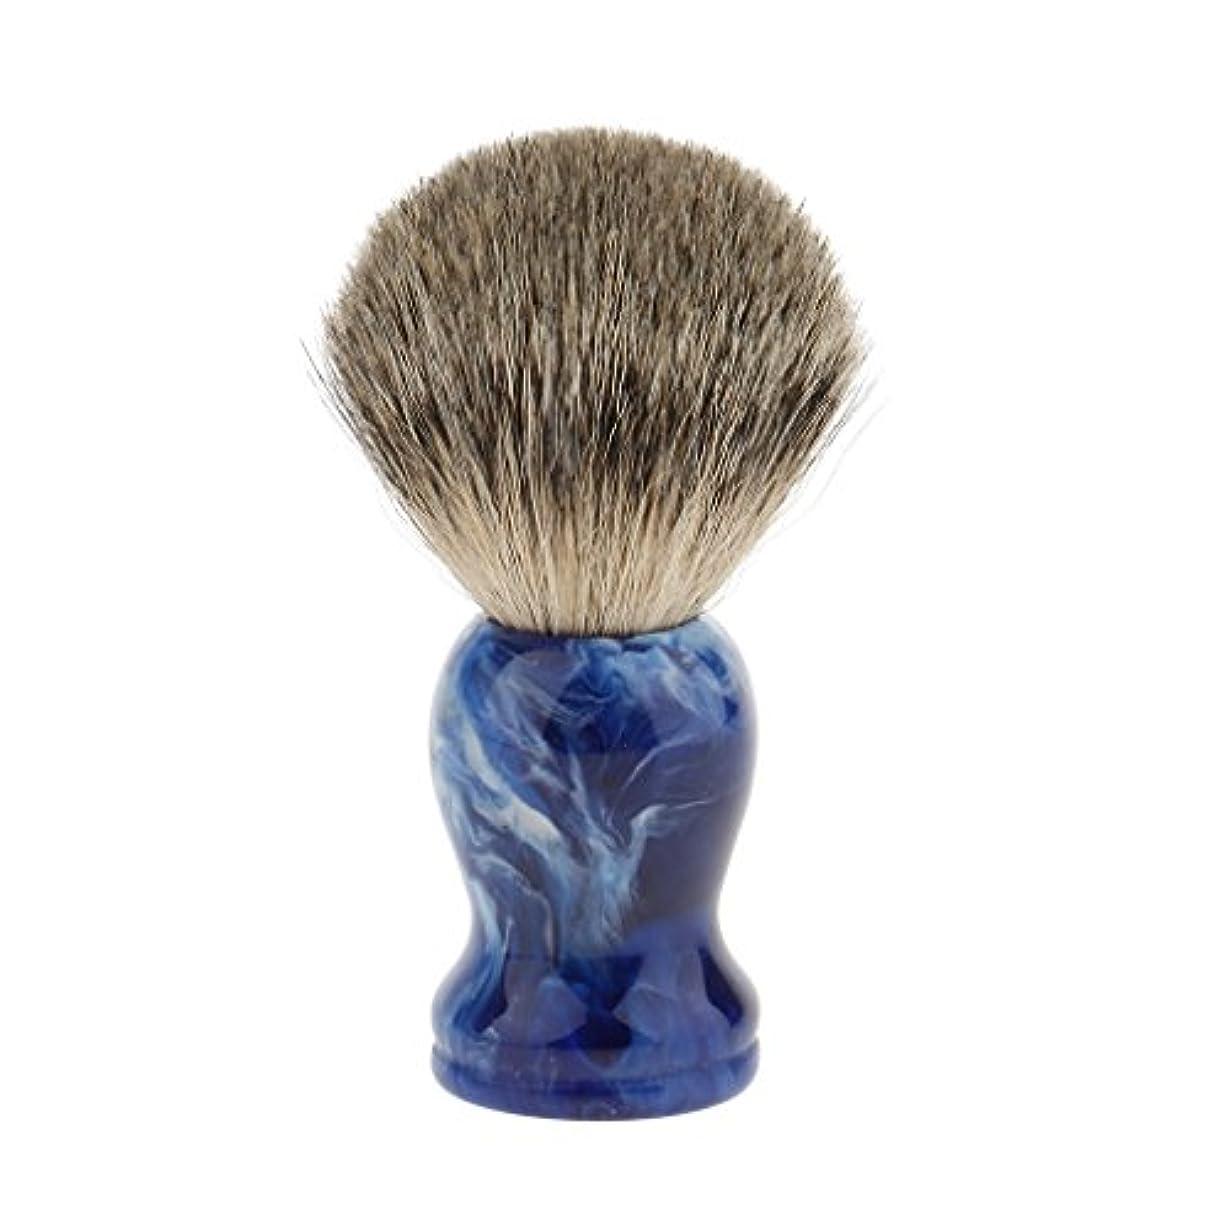 フェザー福祉多年生シェービングブラシ 理髪師 ひげ クリーニングツール プロ サロン 家庭 個人用